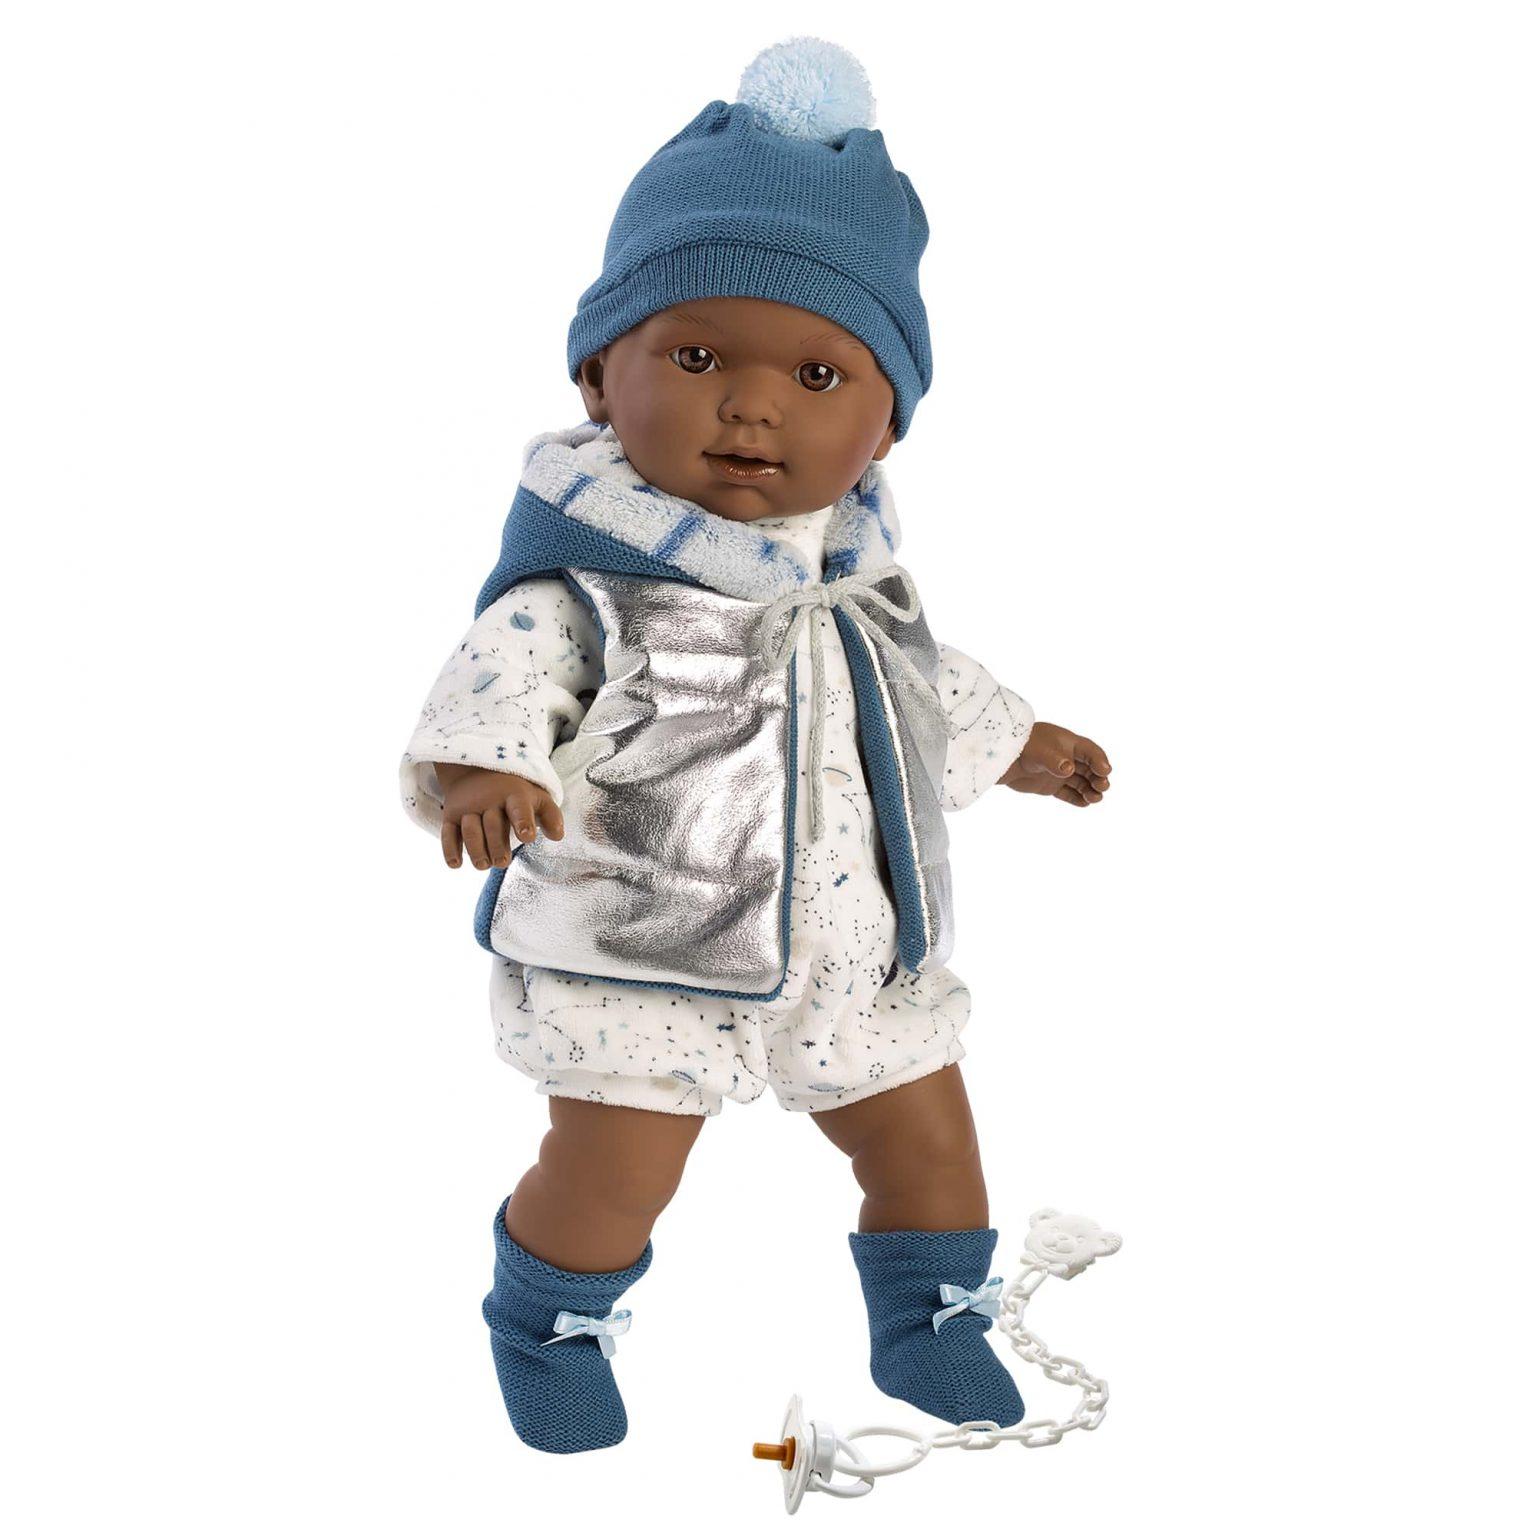 Oscar Llorens Boy Play Doll Mary Shortle